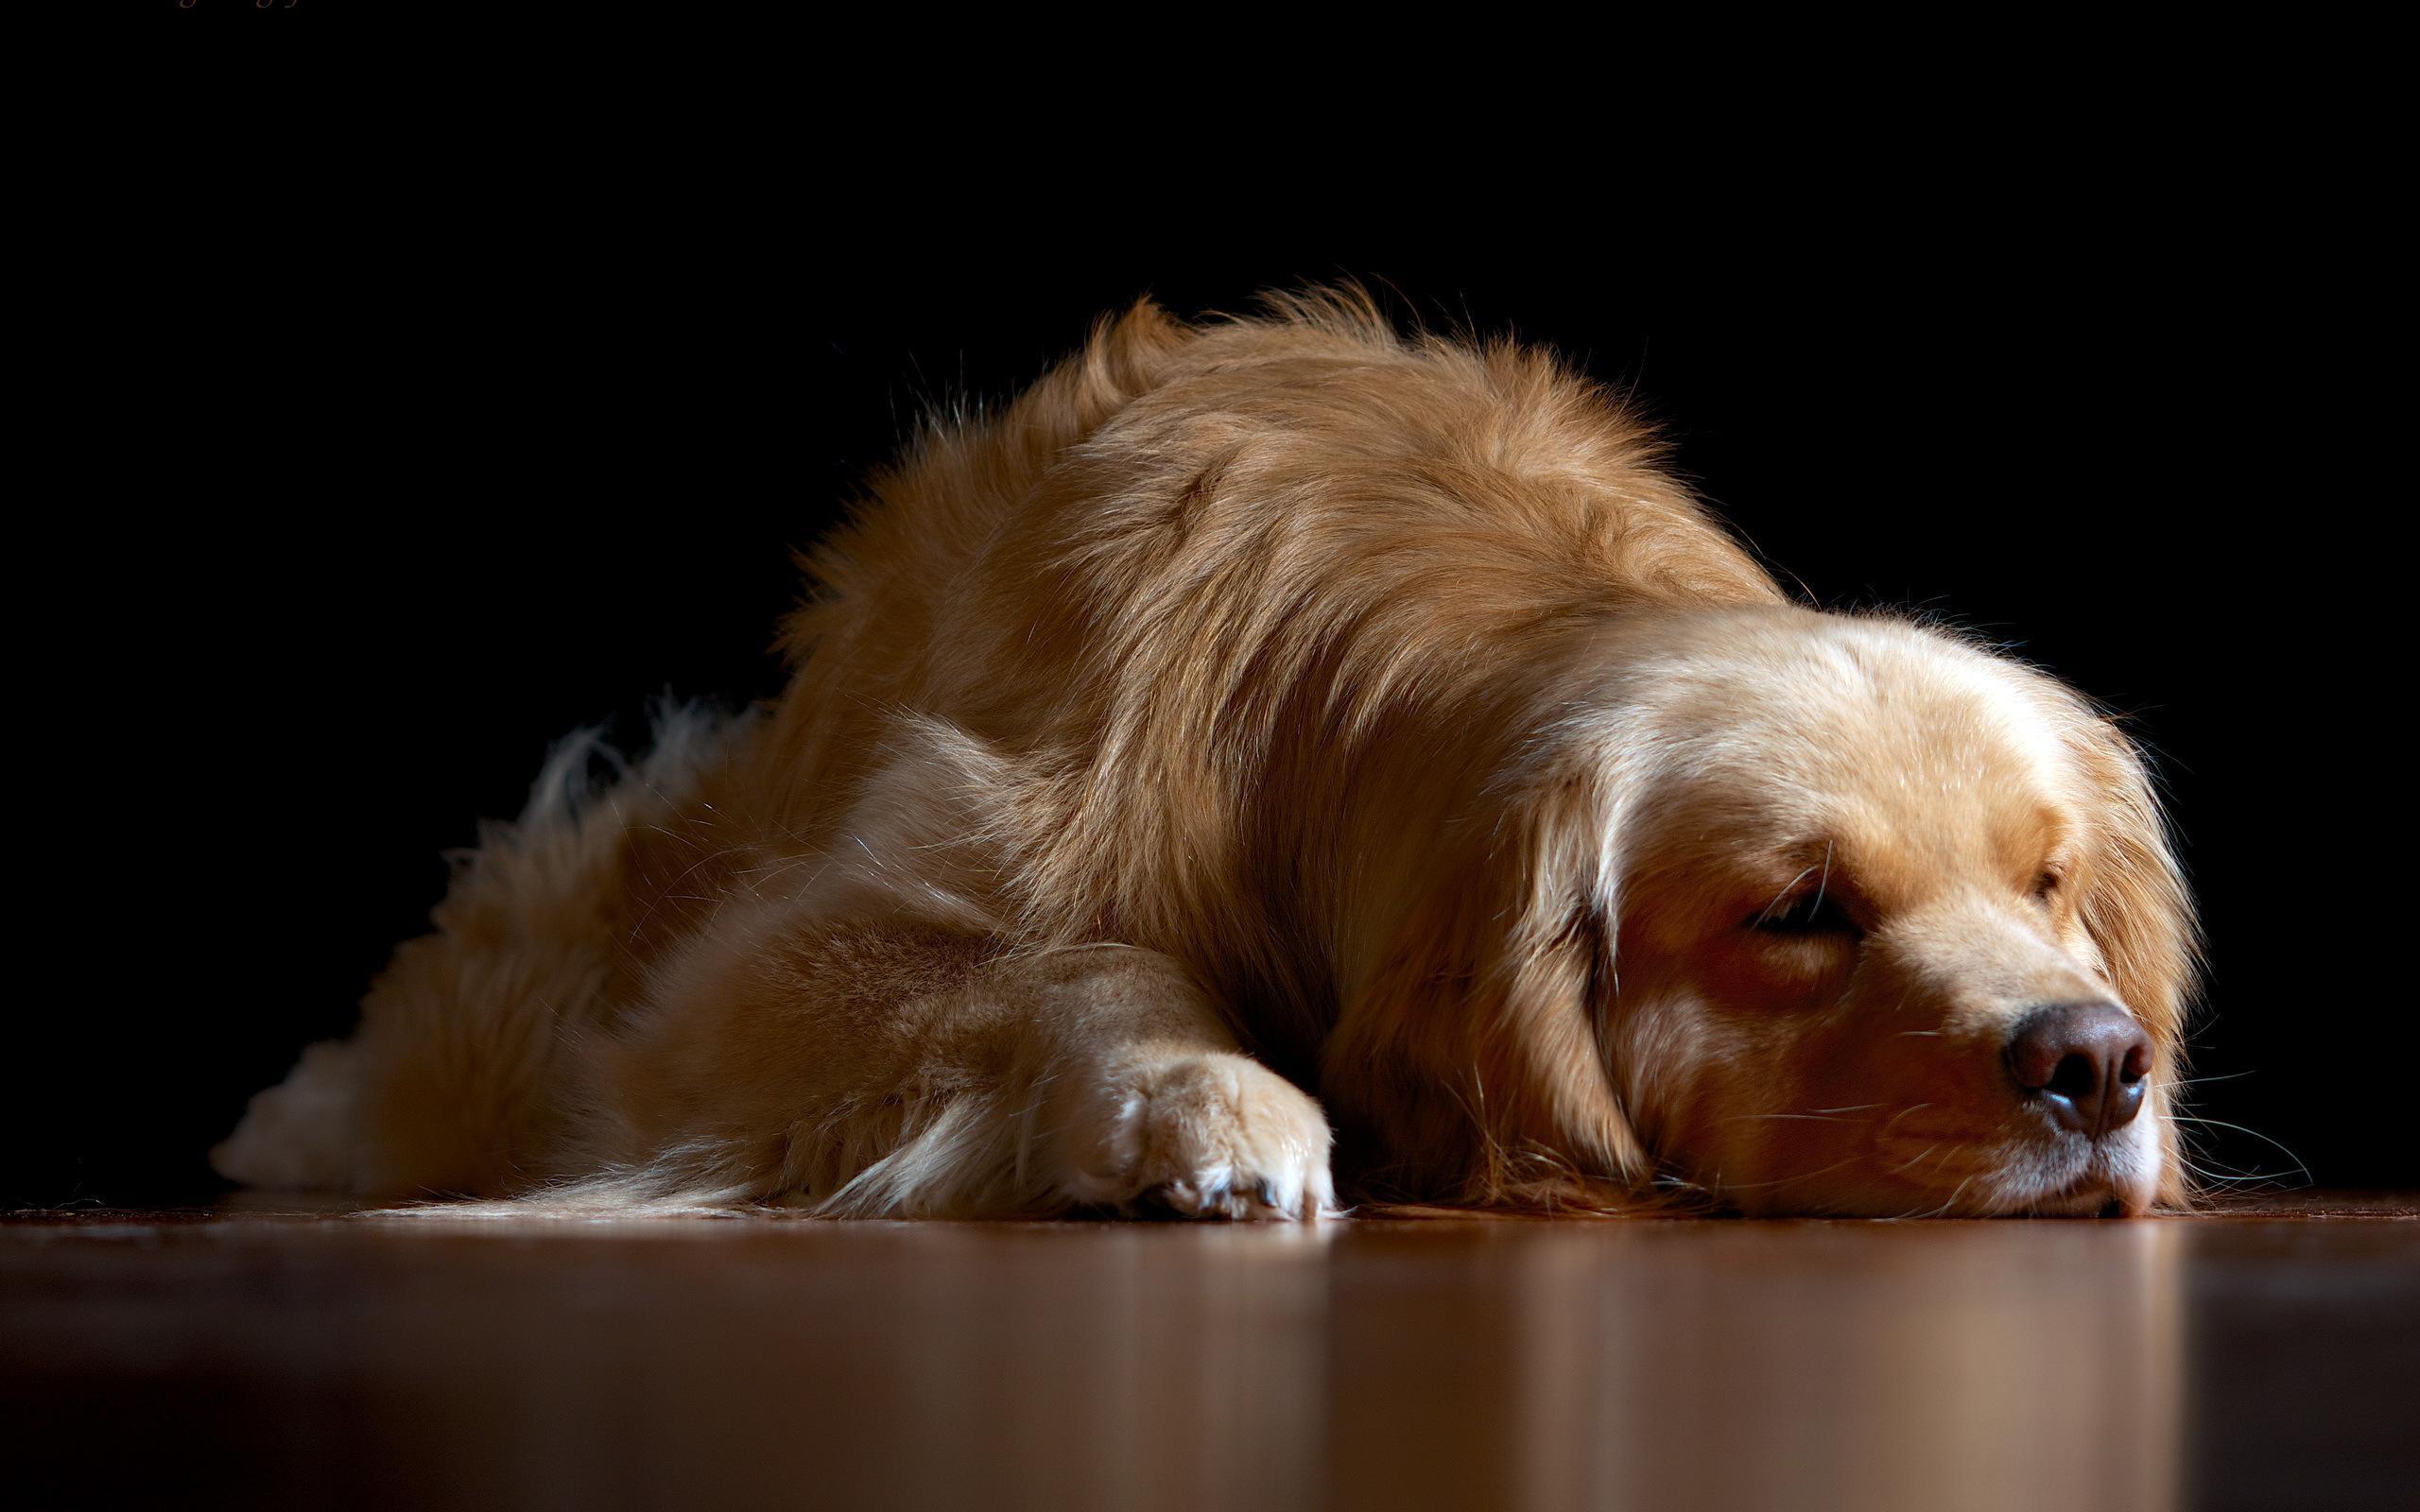 Sleeping Dog HD desktop wallpaper Widescreen High 2560x1600